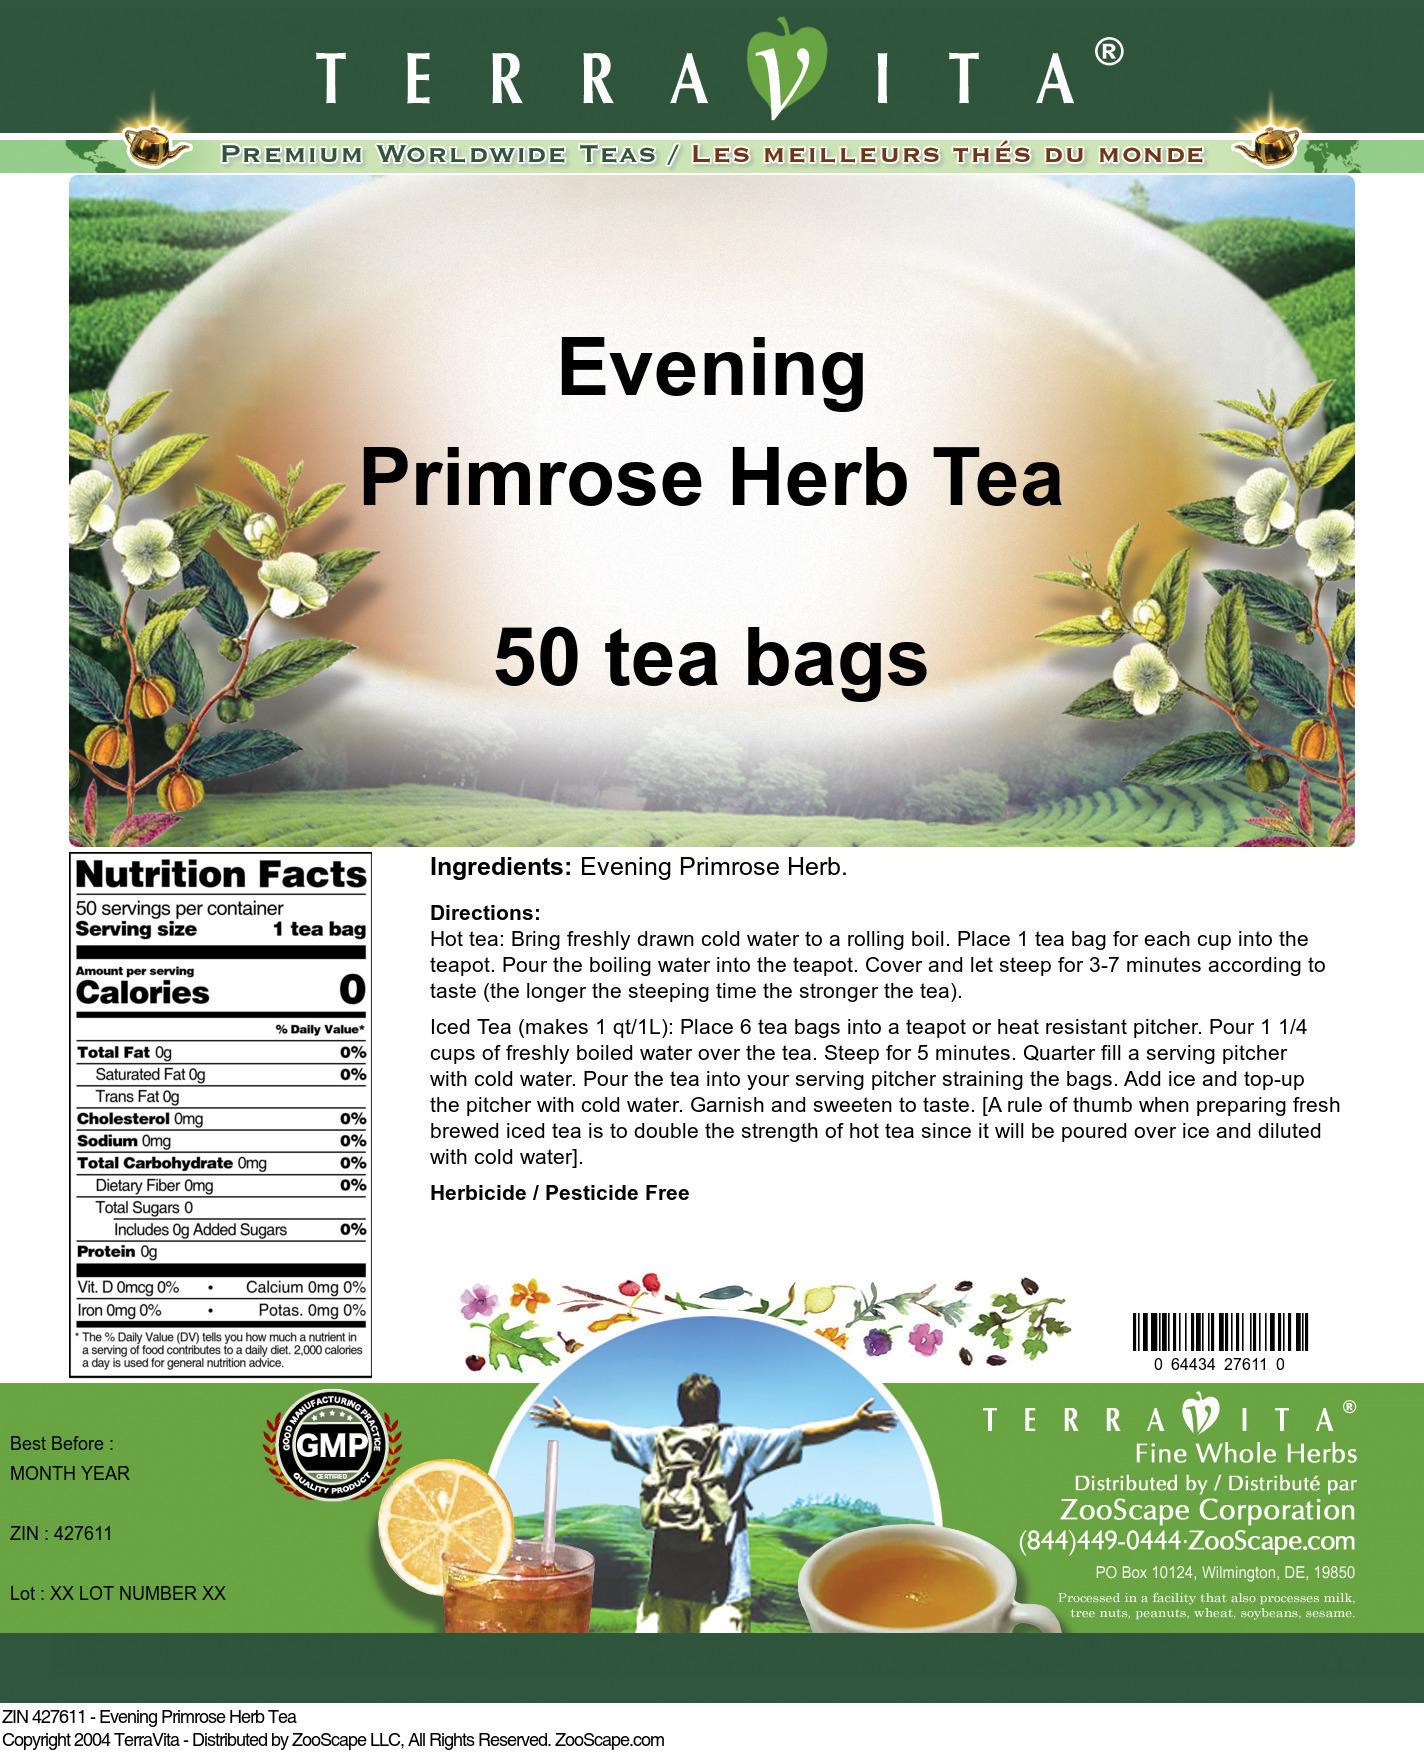 Evening Primrose Herb Tea